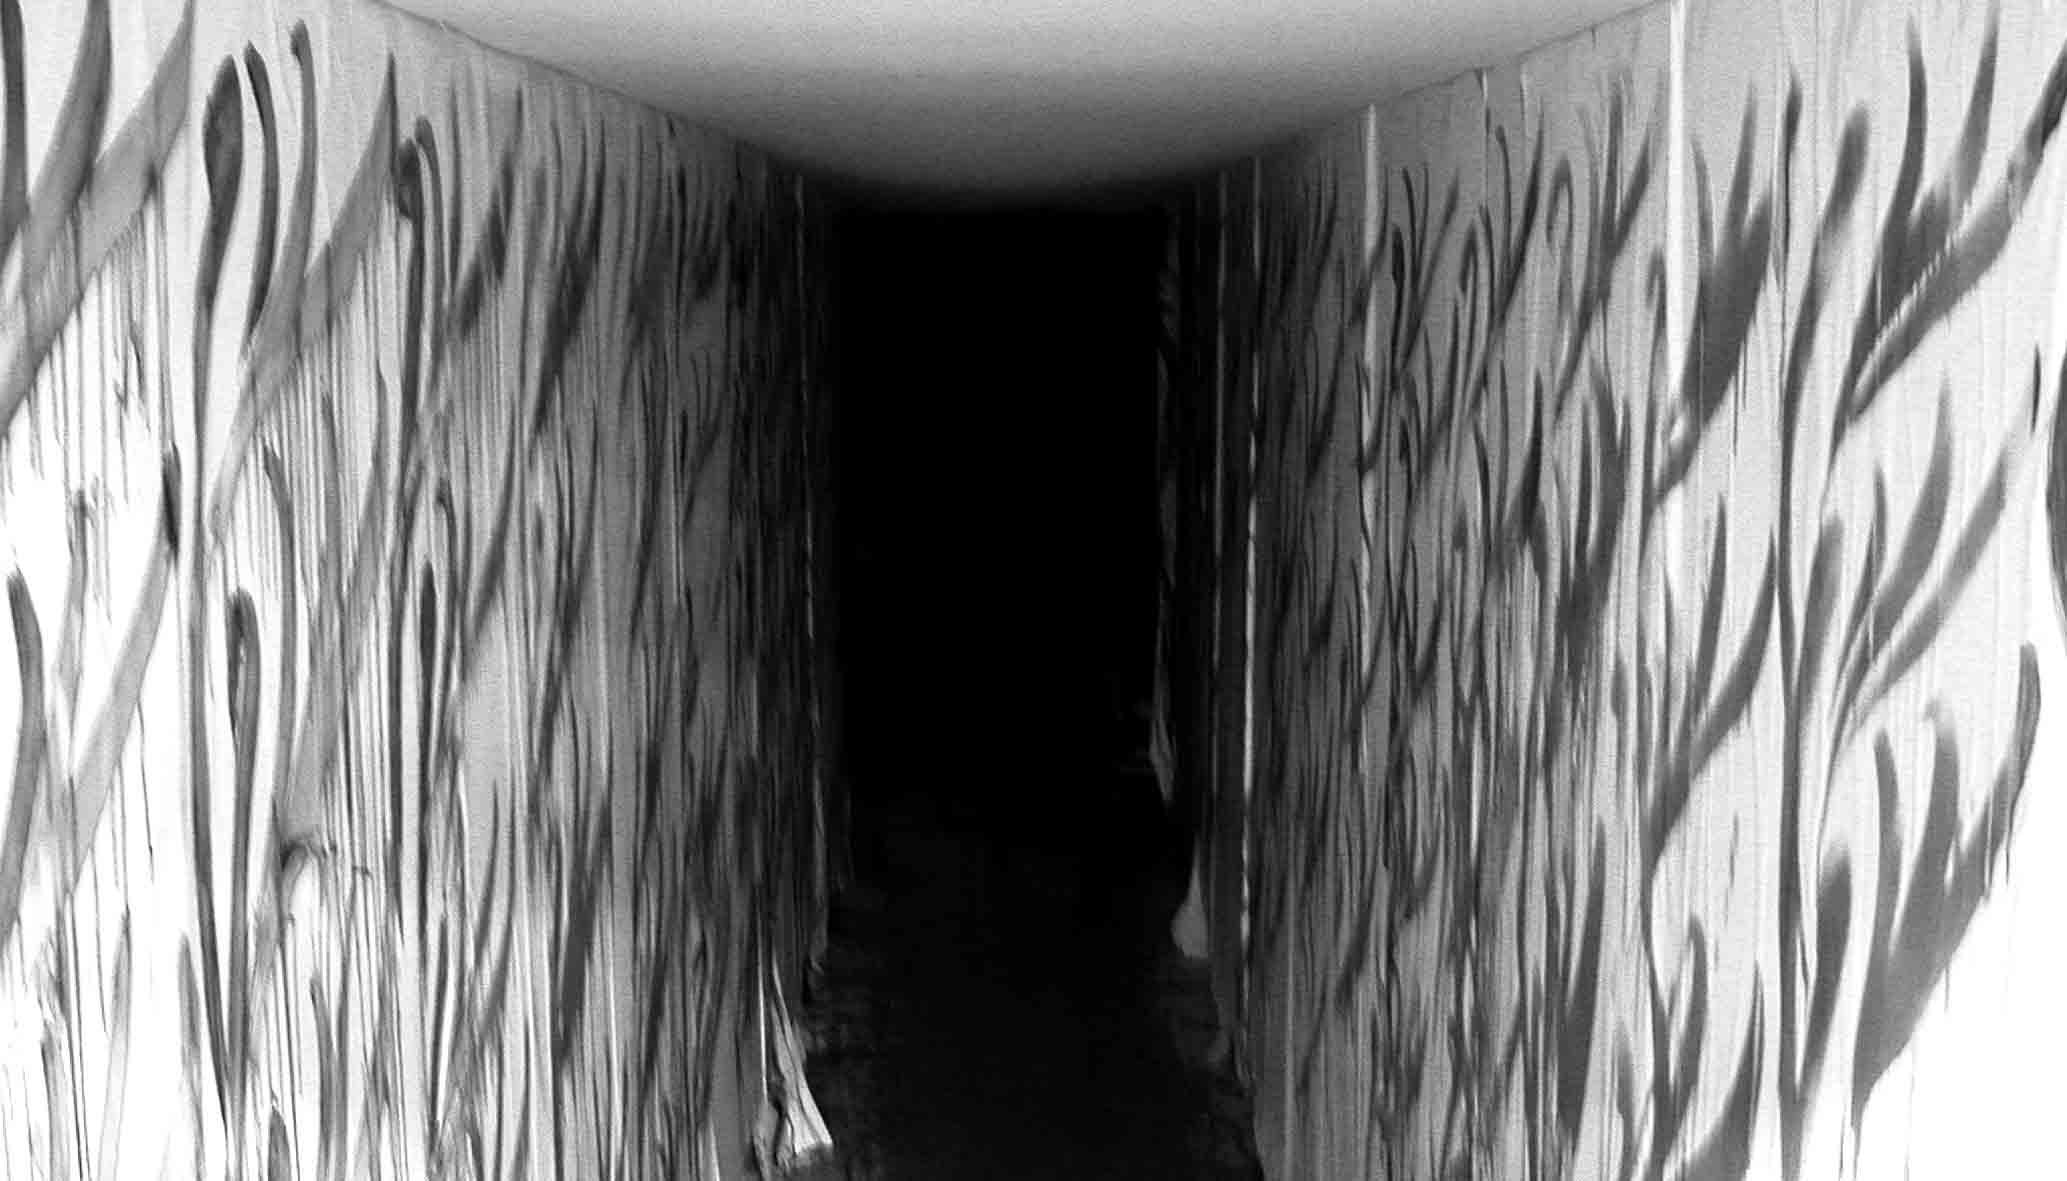 alfred_tarazi_fragments_silent_film_aub_fyp_4.jpg